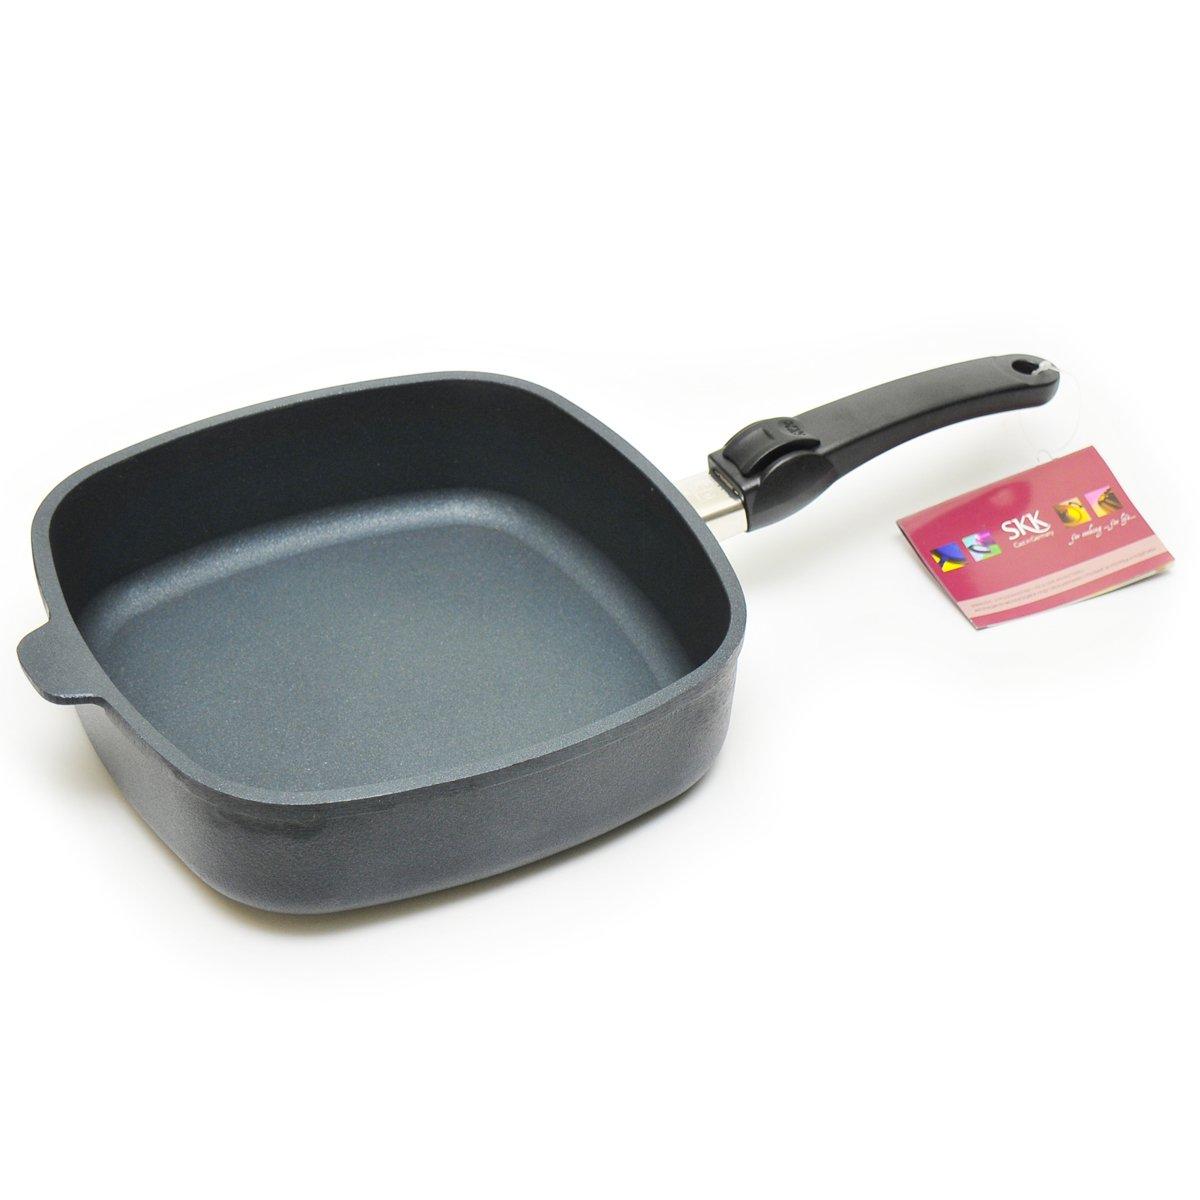 Квадратная сковорода 26 см со съемной ручкой DIAMANT от SKK, литой алюминий, антипригарное покрытие